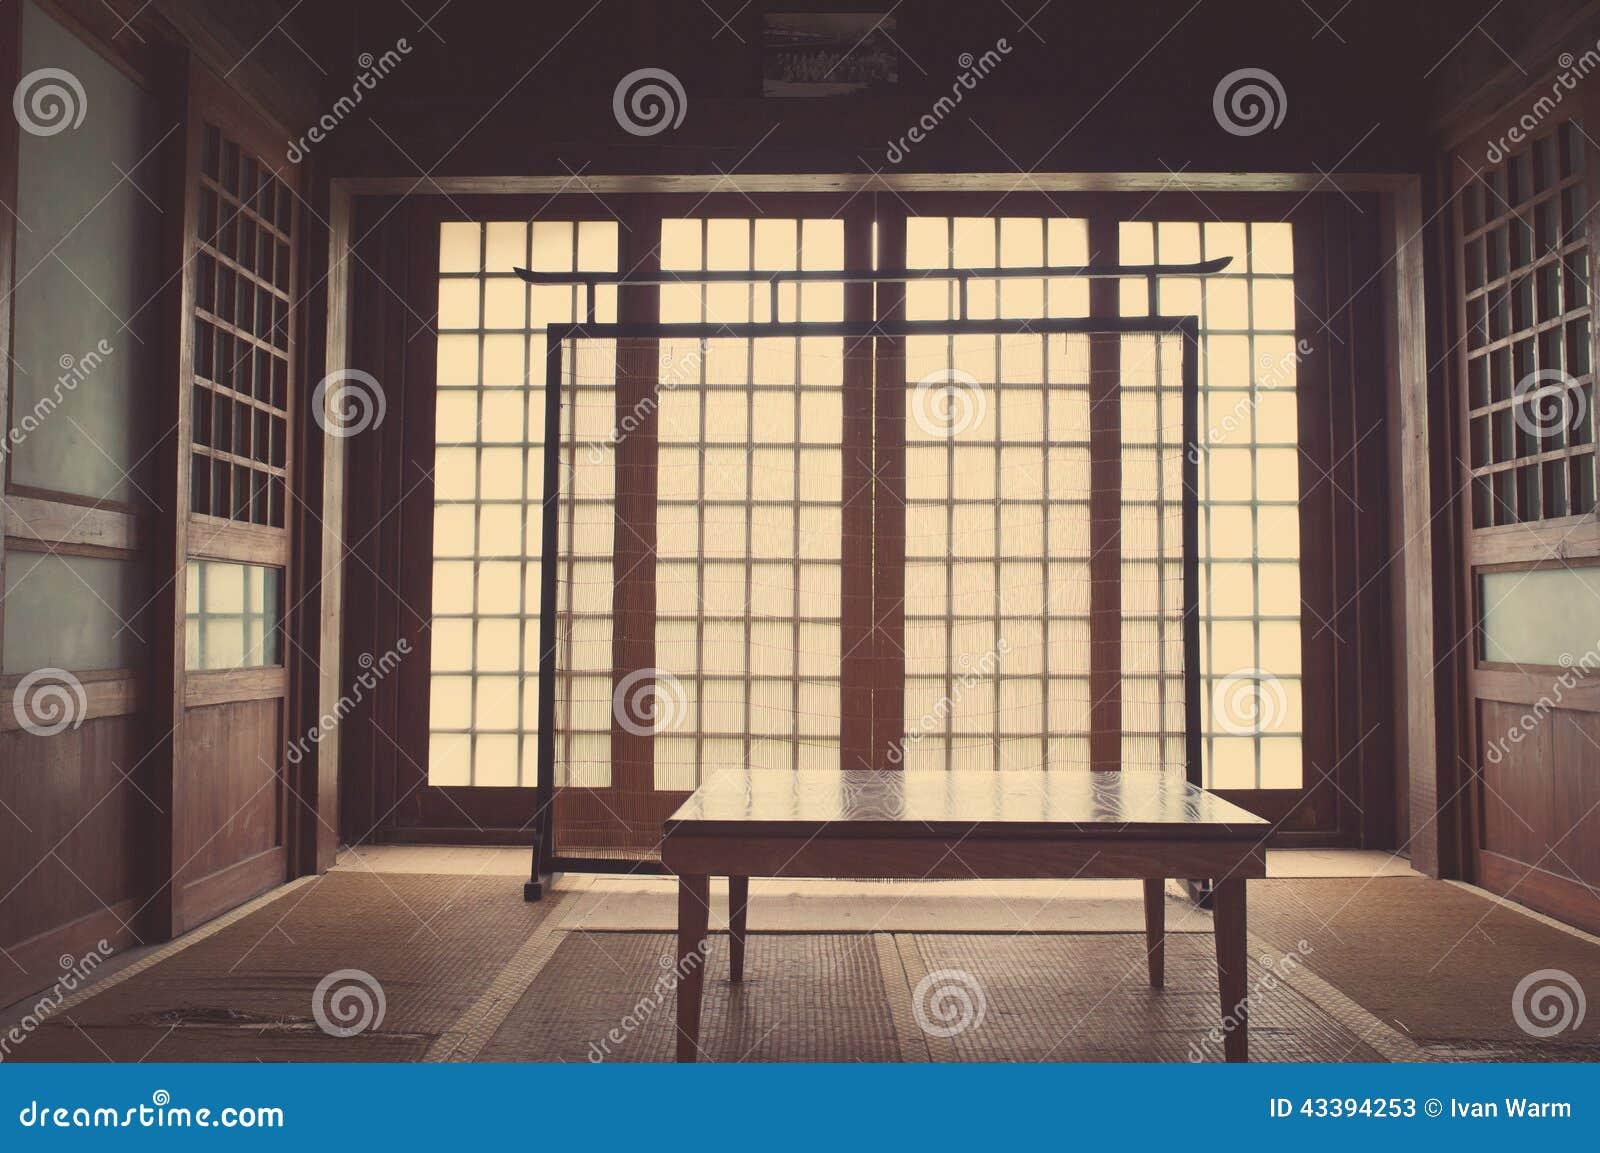 japanisches schlafzimmer stockfoto - bild: 43394253, Schlafzimmer entwurf